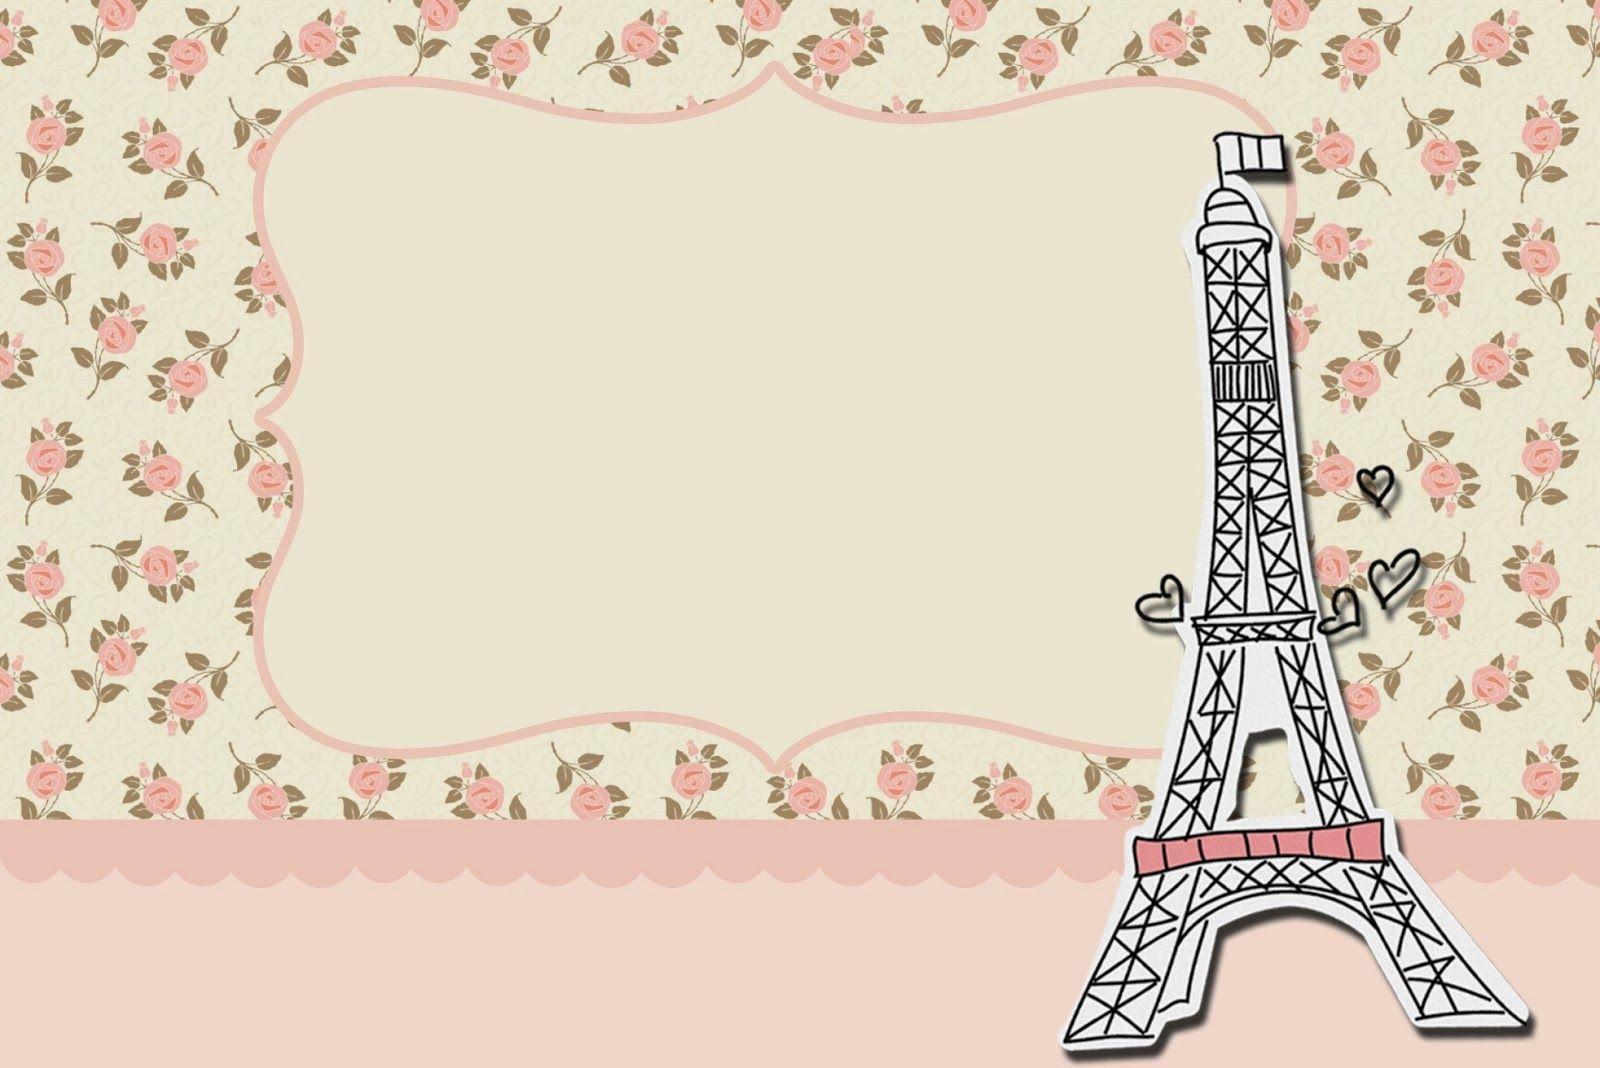 París Con Rosas: Invitaciones Para Imprimir Gratis